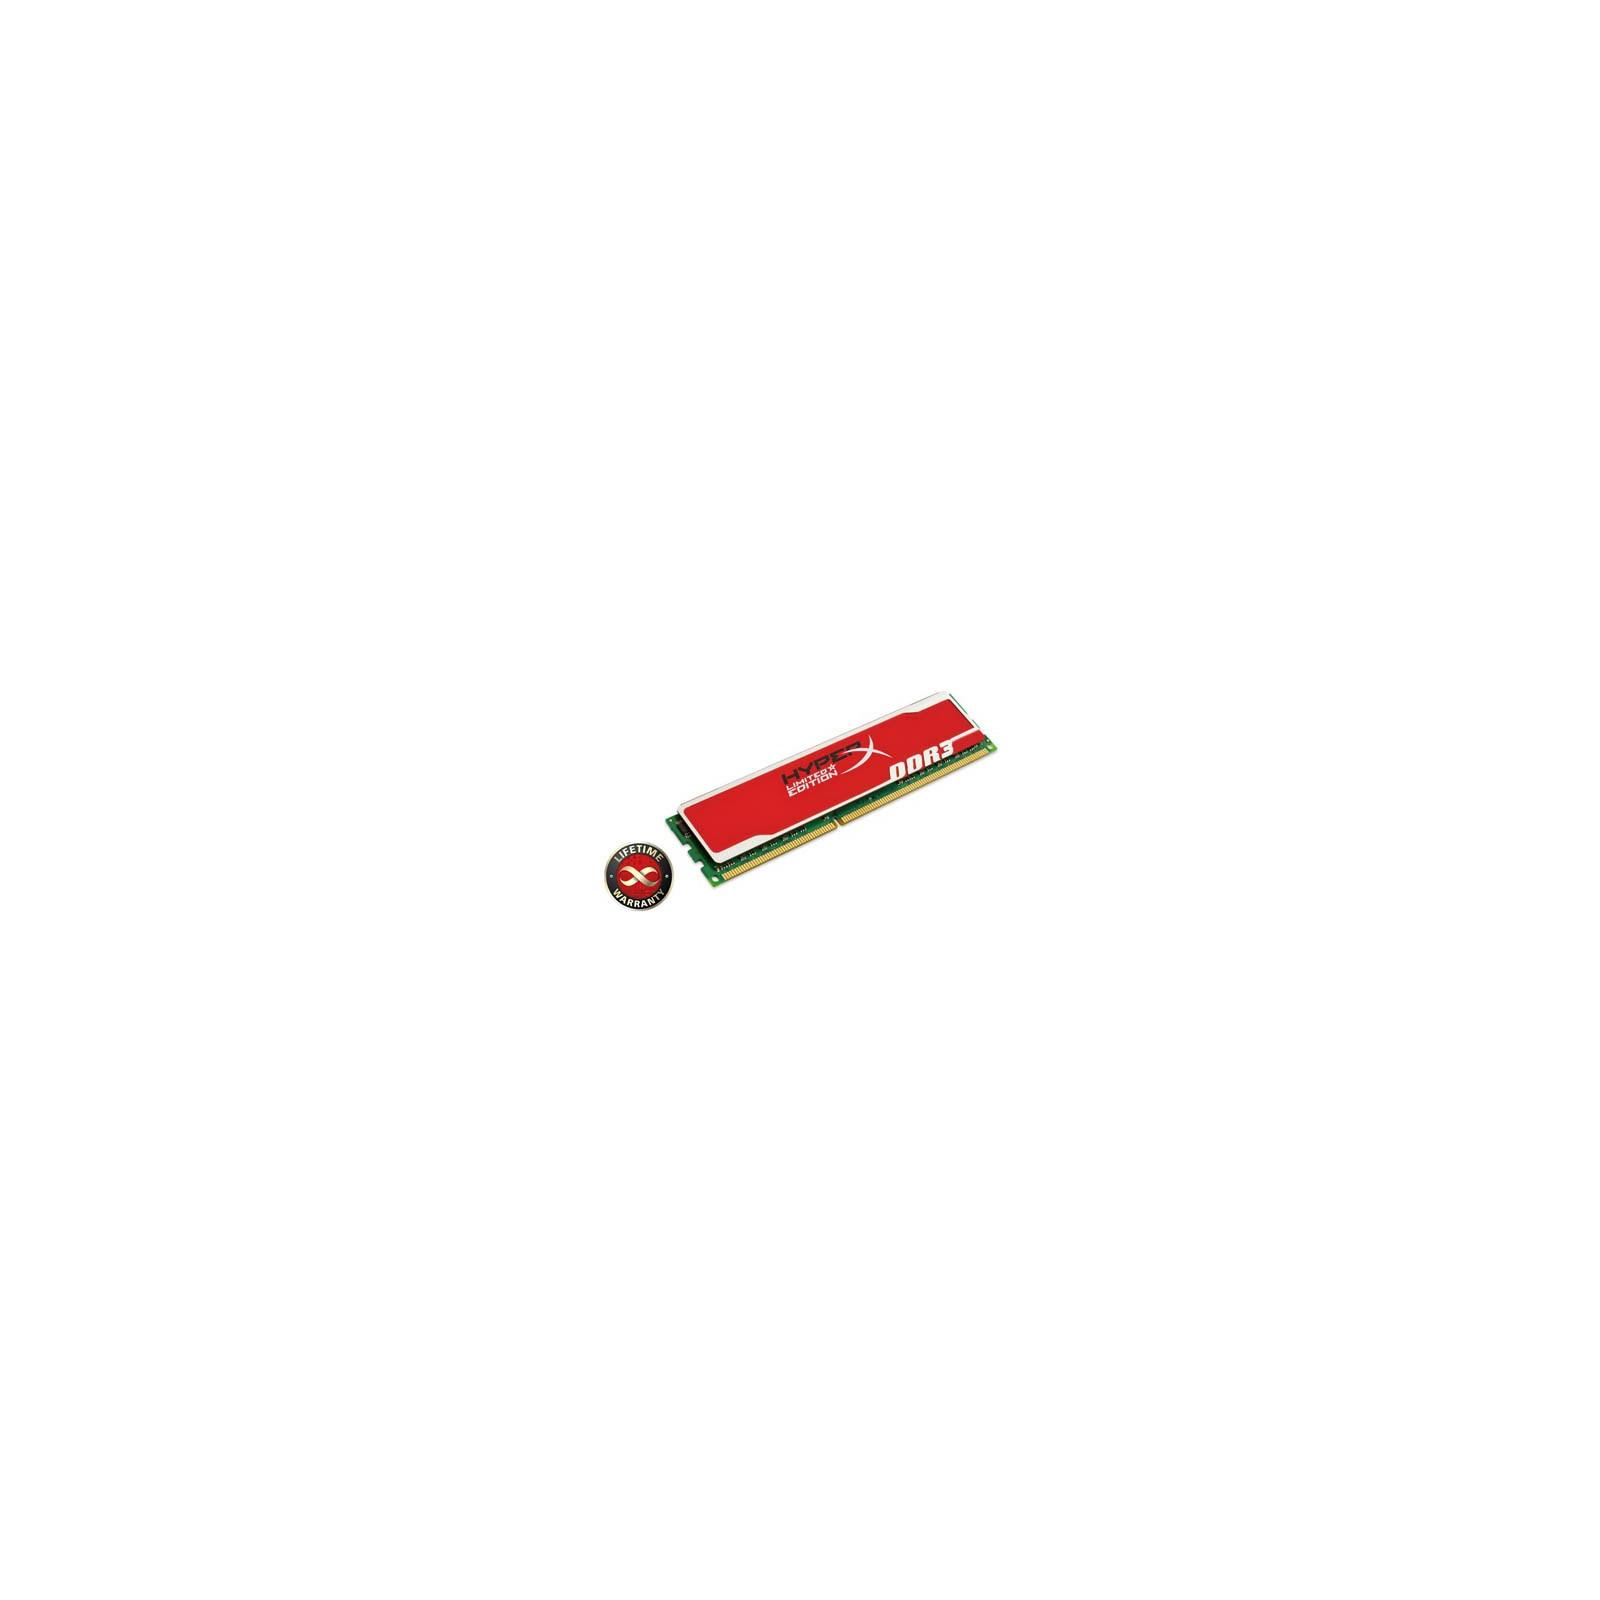 Модуль памяти для компьютера DDR3 4GB 1600 MHz Kingston (KHX1600C9D3B1R/4G)